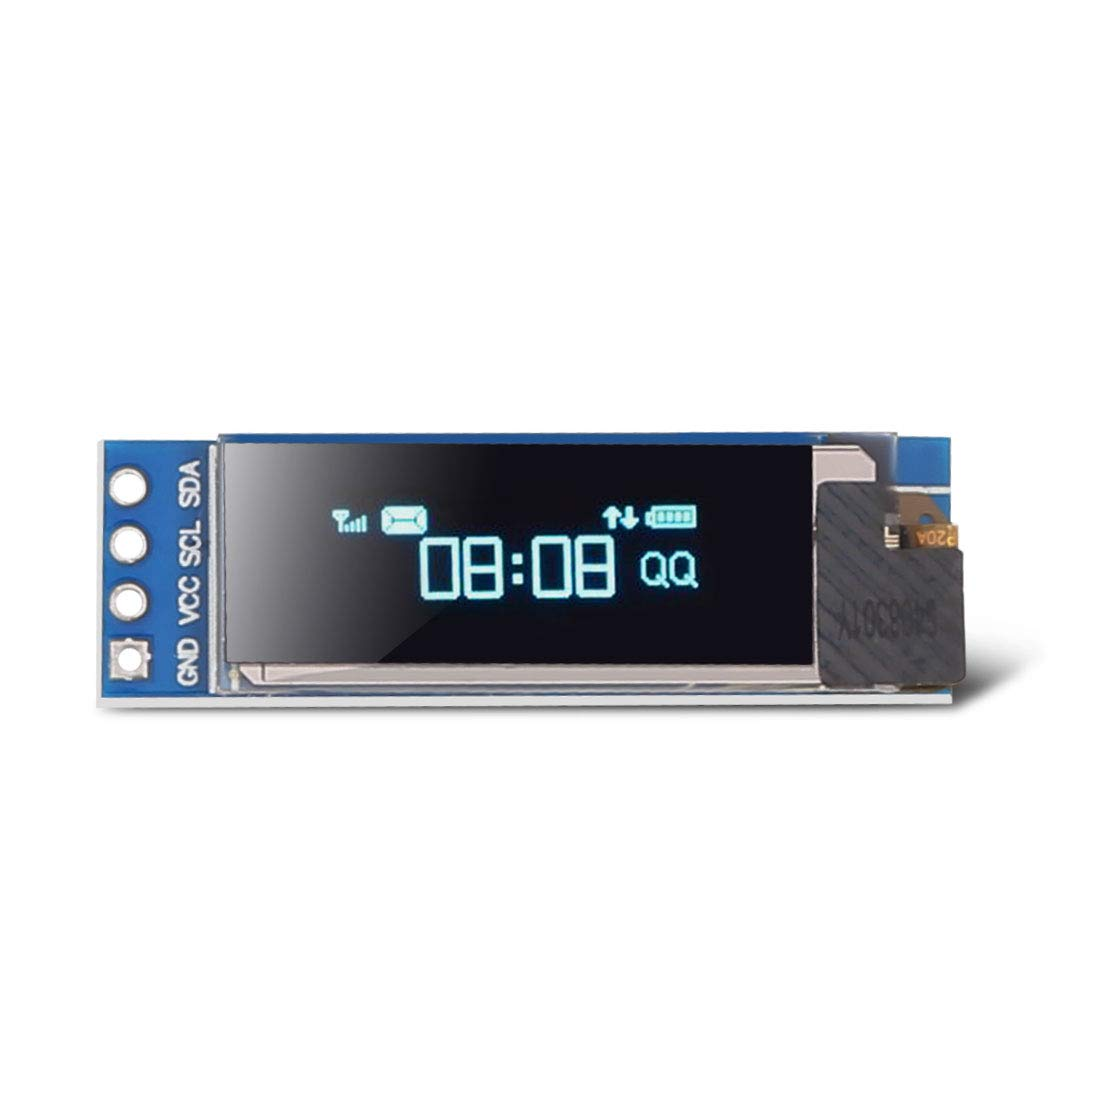 Dorhea 0.96 inch OLED i2c Display Module IIC Serial LCD Screen 0.96 LED Module Display Yellow Blue 12864 OLED //3.3V-5V 128 X 64 for Arduino Nano Display Raspberry Pi 51 Msp420 Stim32 SCR